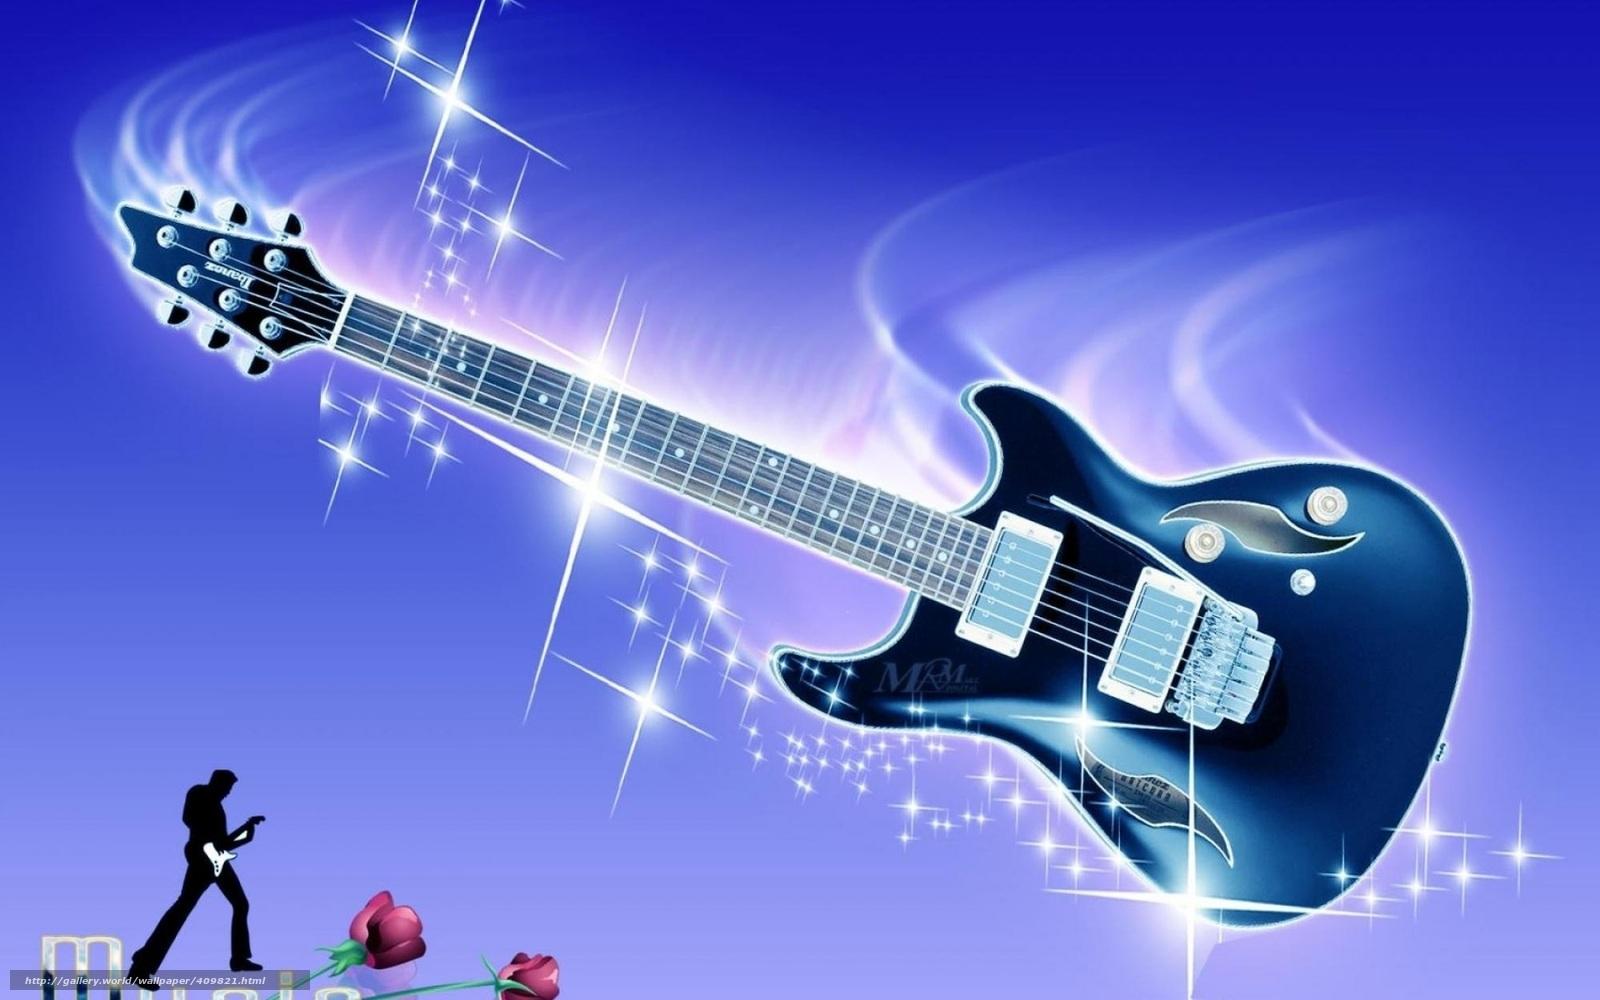 Tlcharger Fond d'ecran guitare, guitare lectrique, Fleurs, flash Fonds d'ecran gratuits pour ...